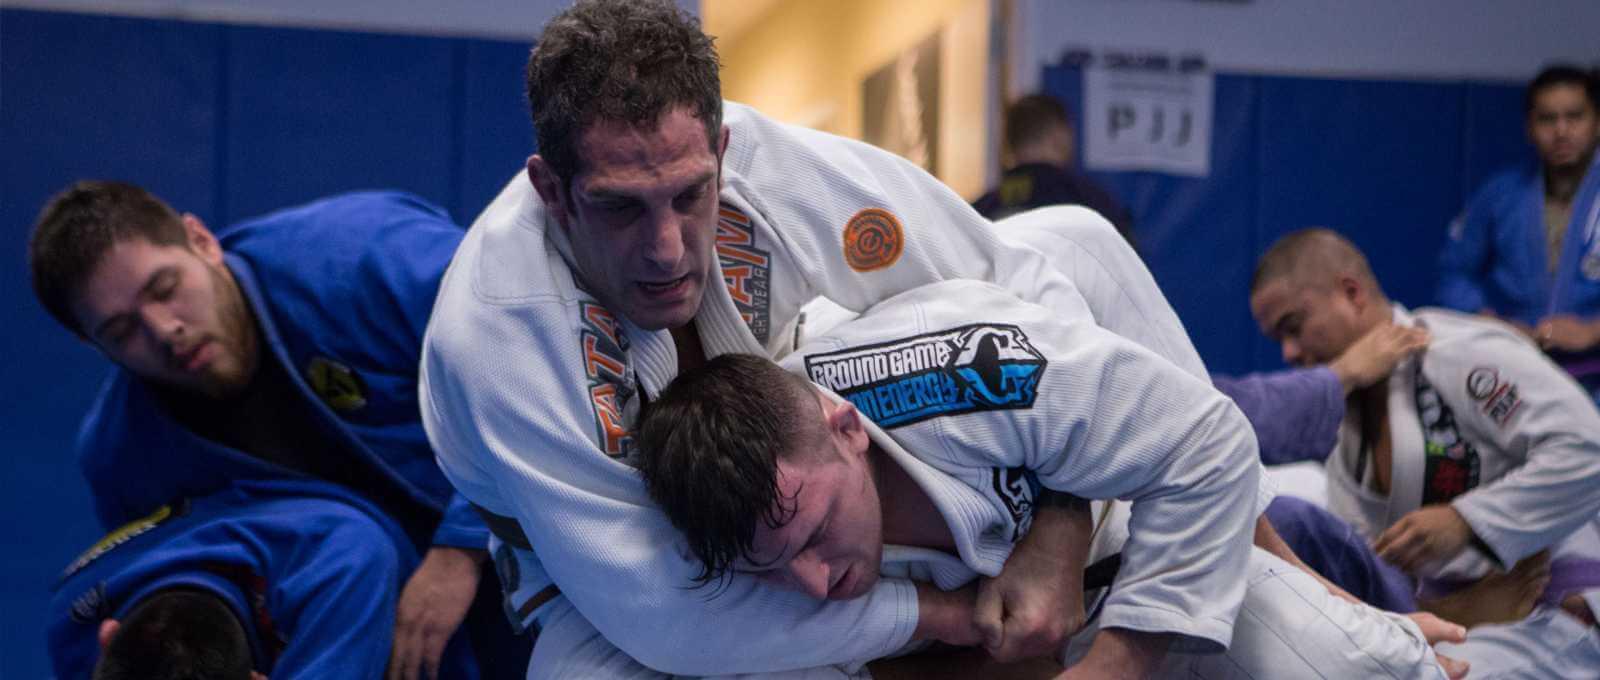 Bergen County Brazilian Jiu Jitsu   Martial Arts Bergen